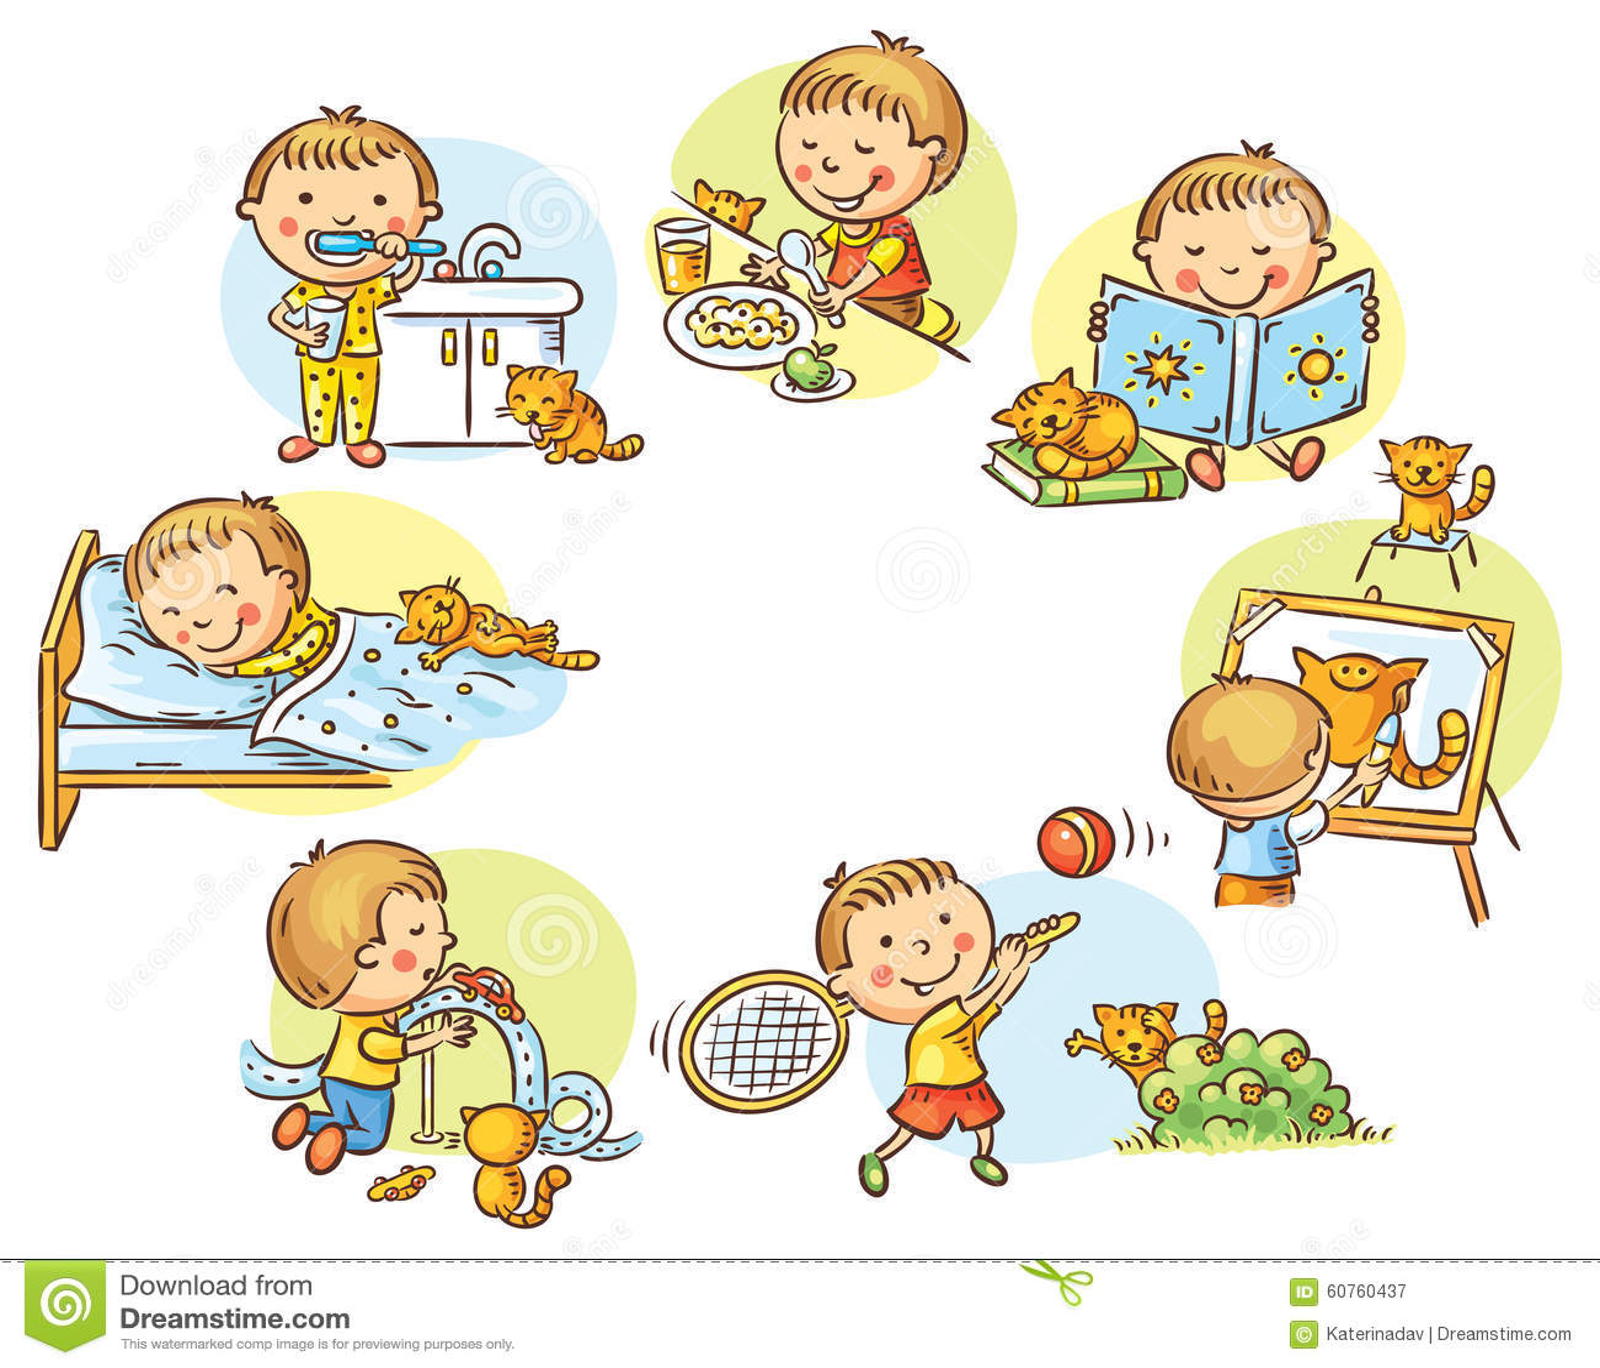 Las Actividades Diarias Del Nino Pequeno Ilustracion Del